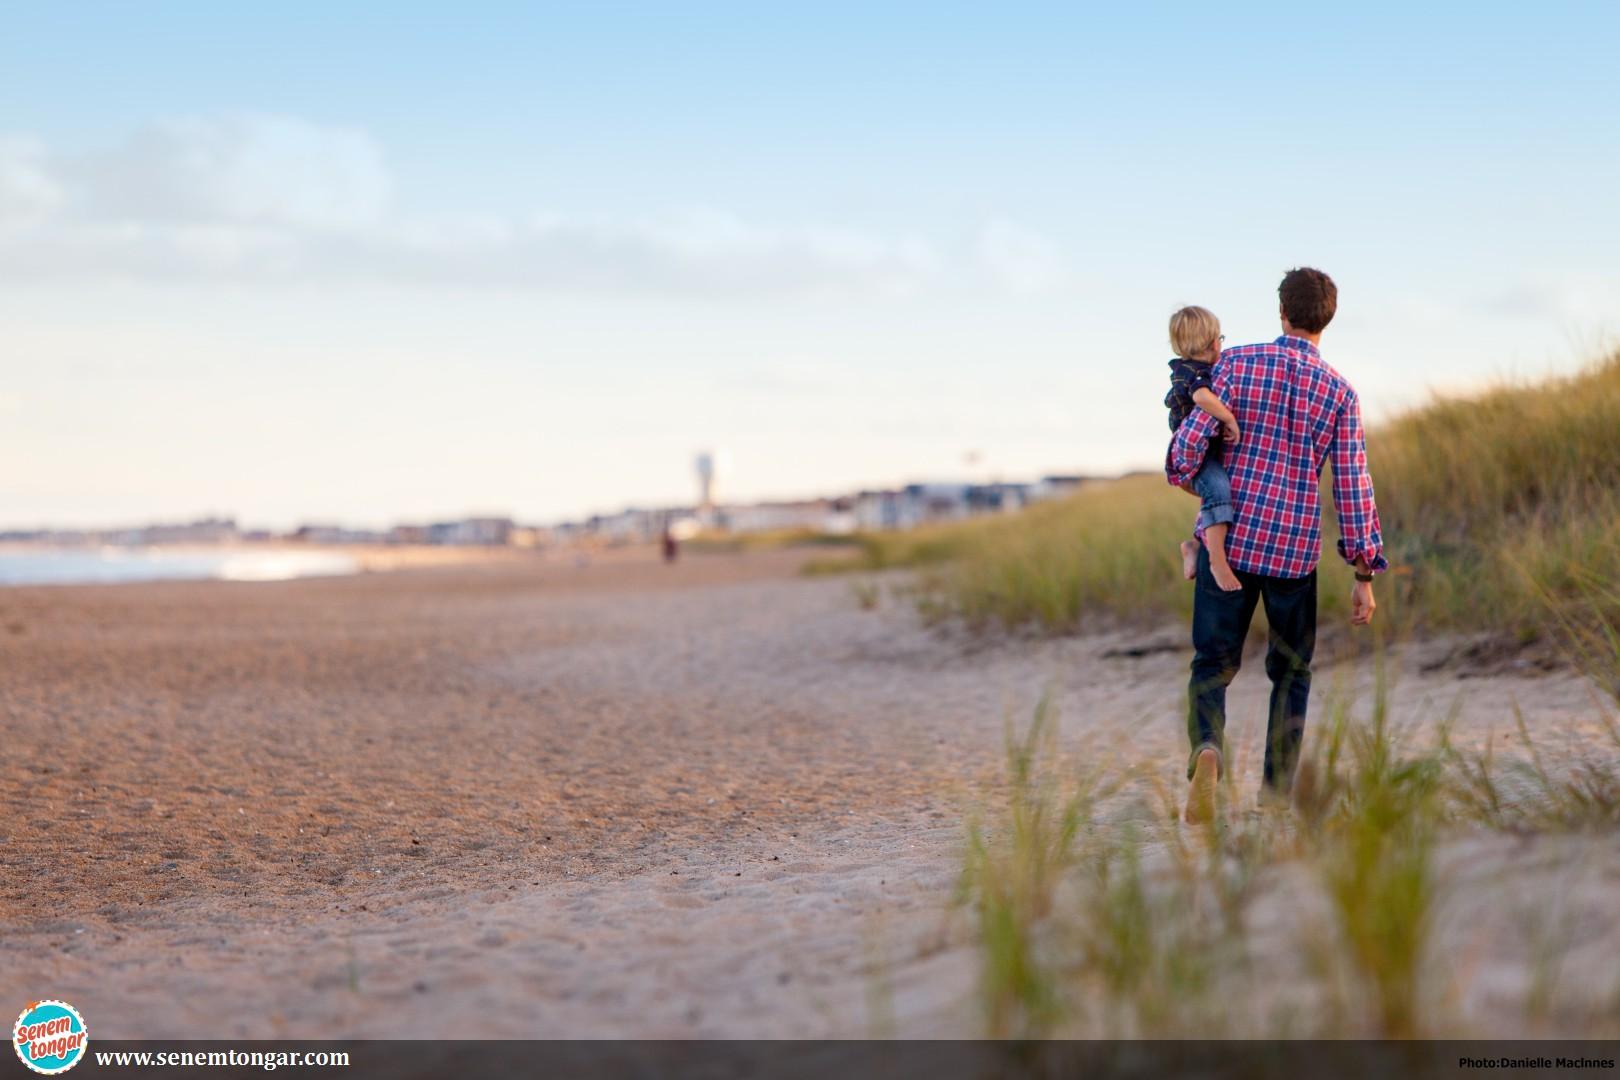 Bebekleri ve Çocukları ile Seyahat Edenlere Tavsiyeler